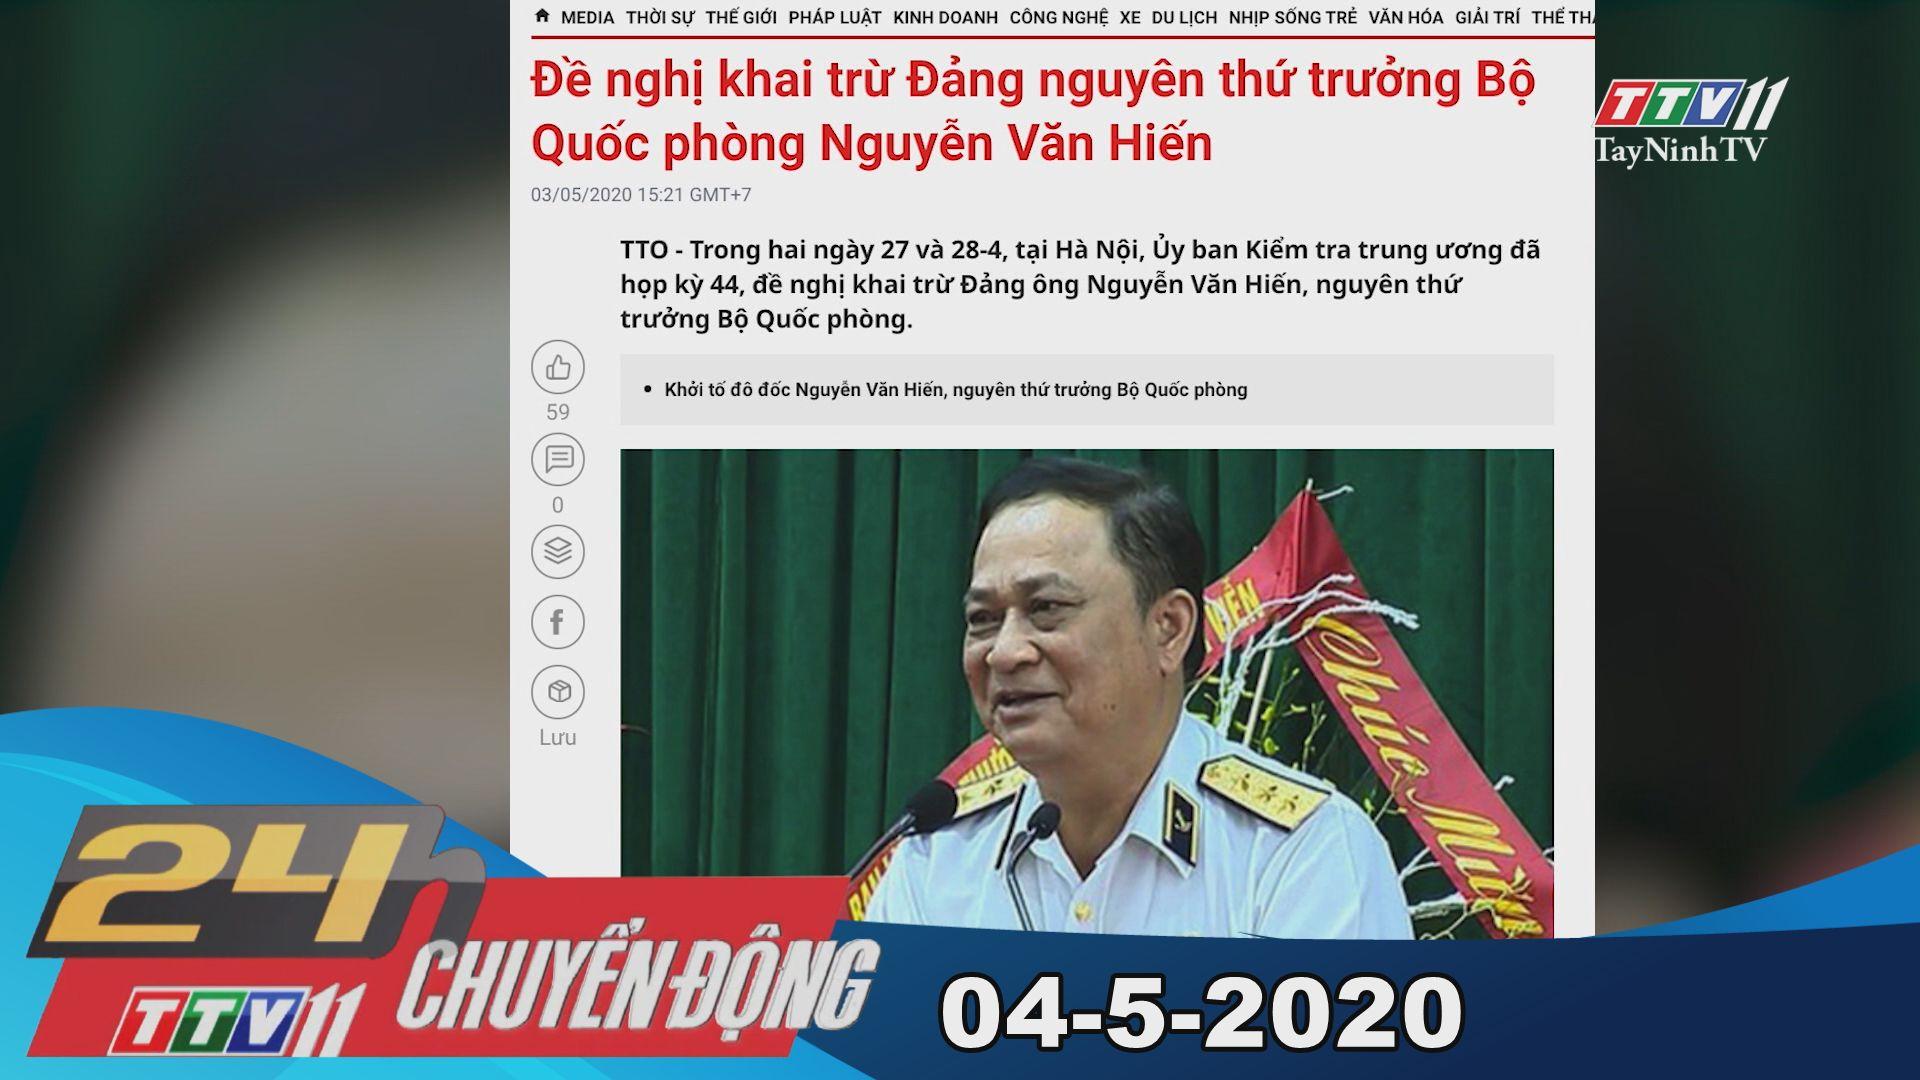 24h Chuyển động 04-5-2020 | Tin tức hôm nay | TayNinhTV